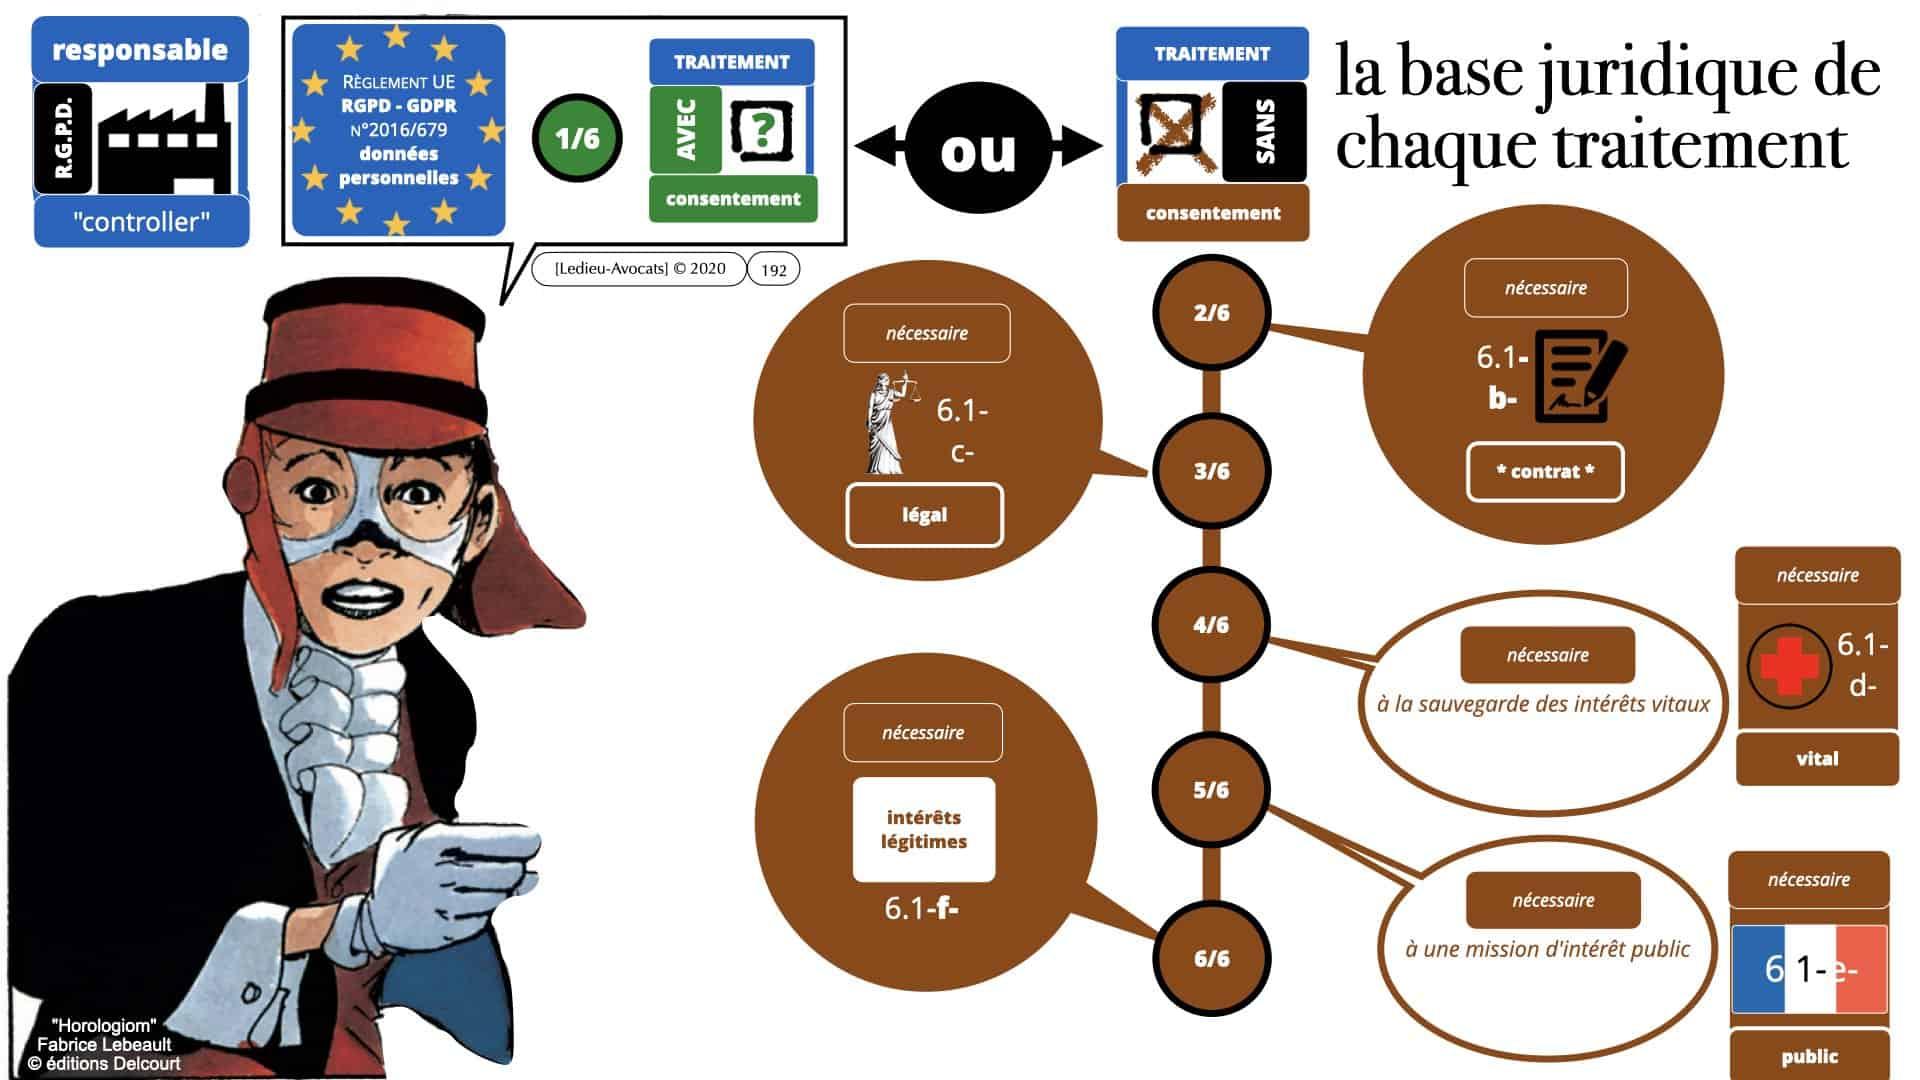 RGPD e-Privacy données personnelles jurisprudence formation Lamy Les Echos 10-02-2021 ©Ledieu-Avocats.192